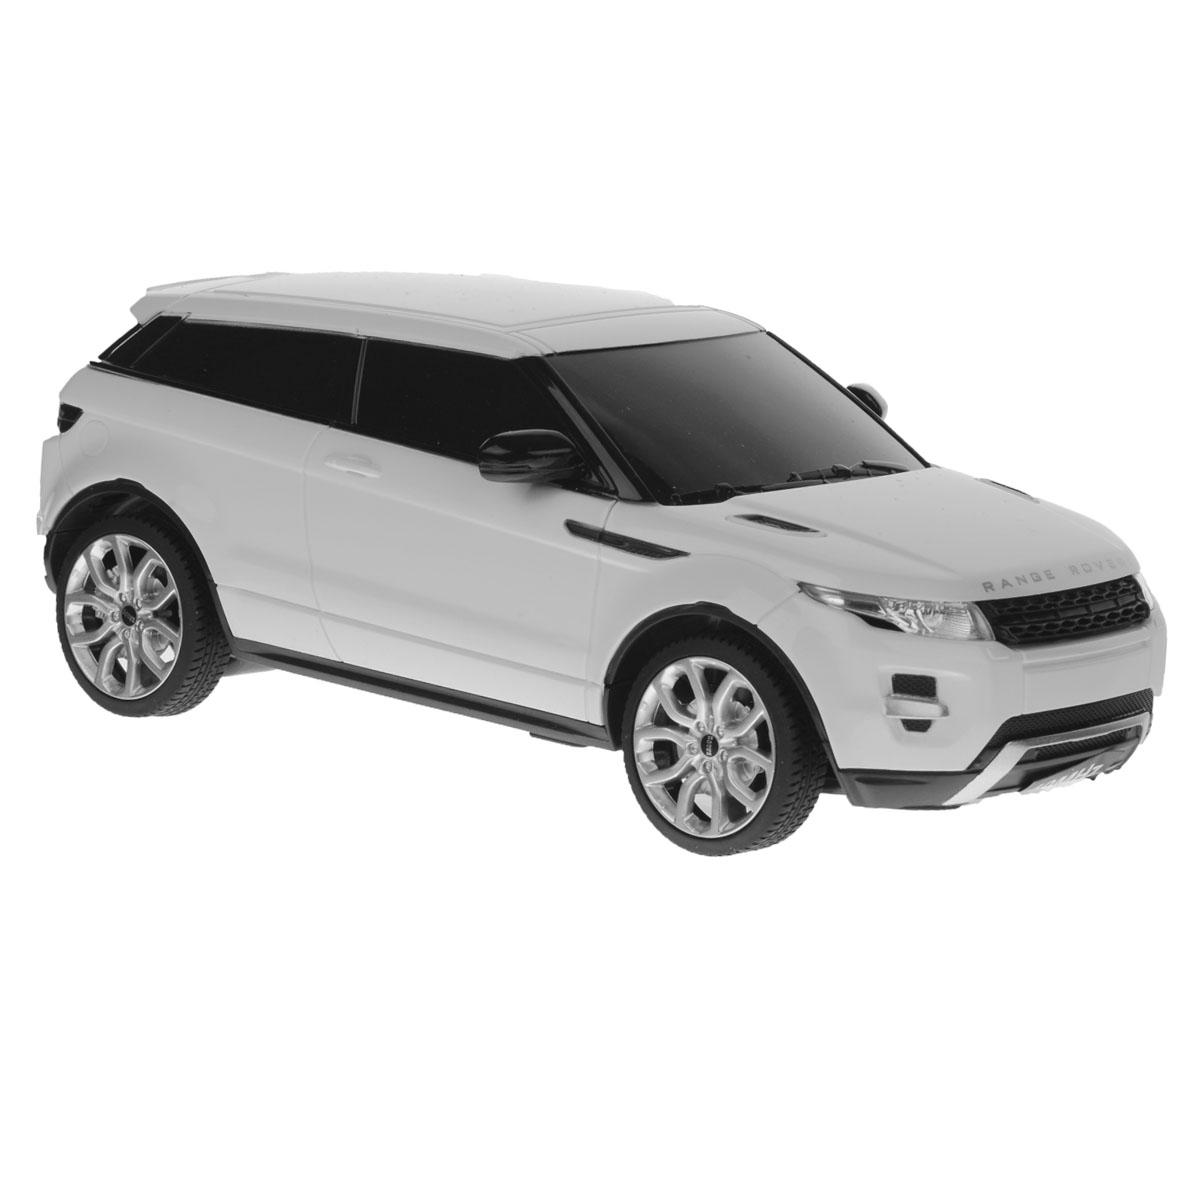 Rastar Радиоуправляемая модель Range Rover Evoque цвет белый масштаб 1:2446900_белРадиоуправляемая модель Rastar Range Rover Evoque со световыми эффектами, являющаяся точной копией настоящего автомобиля, - отличный подарок не только ребенку, но и взрослому. Это точная копия настоящего автомобиля, которая изготовлена из прочных материалов, шины выполнены из мягкой резины. При движении у машины горят передние и задние фары. Она может перемещаться вперед, дает задний ход, поворачивает влево и вправо, останавливается. Ребенок часами будет играть с моделью, придумывая различные истории и устраивая соревнования. Для работы машинки требуются 3 батареи типа AА (не входят в комплект). Для работы пульта управления требуются 2 батареи типа АА (не входят в комплект). Частота: 27 МГц.